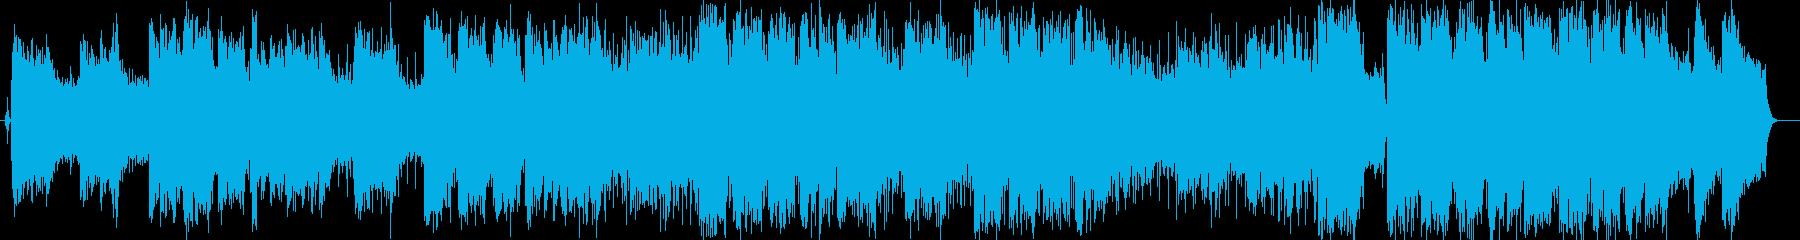 軽快なストリングスミュージックの再生済みの波形